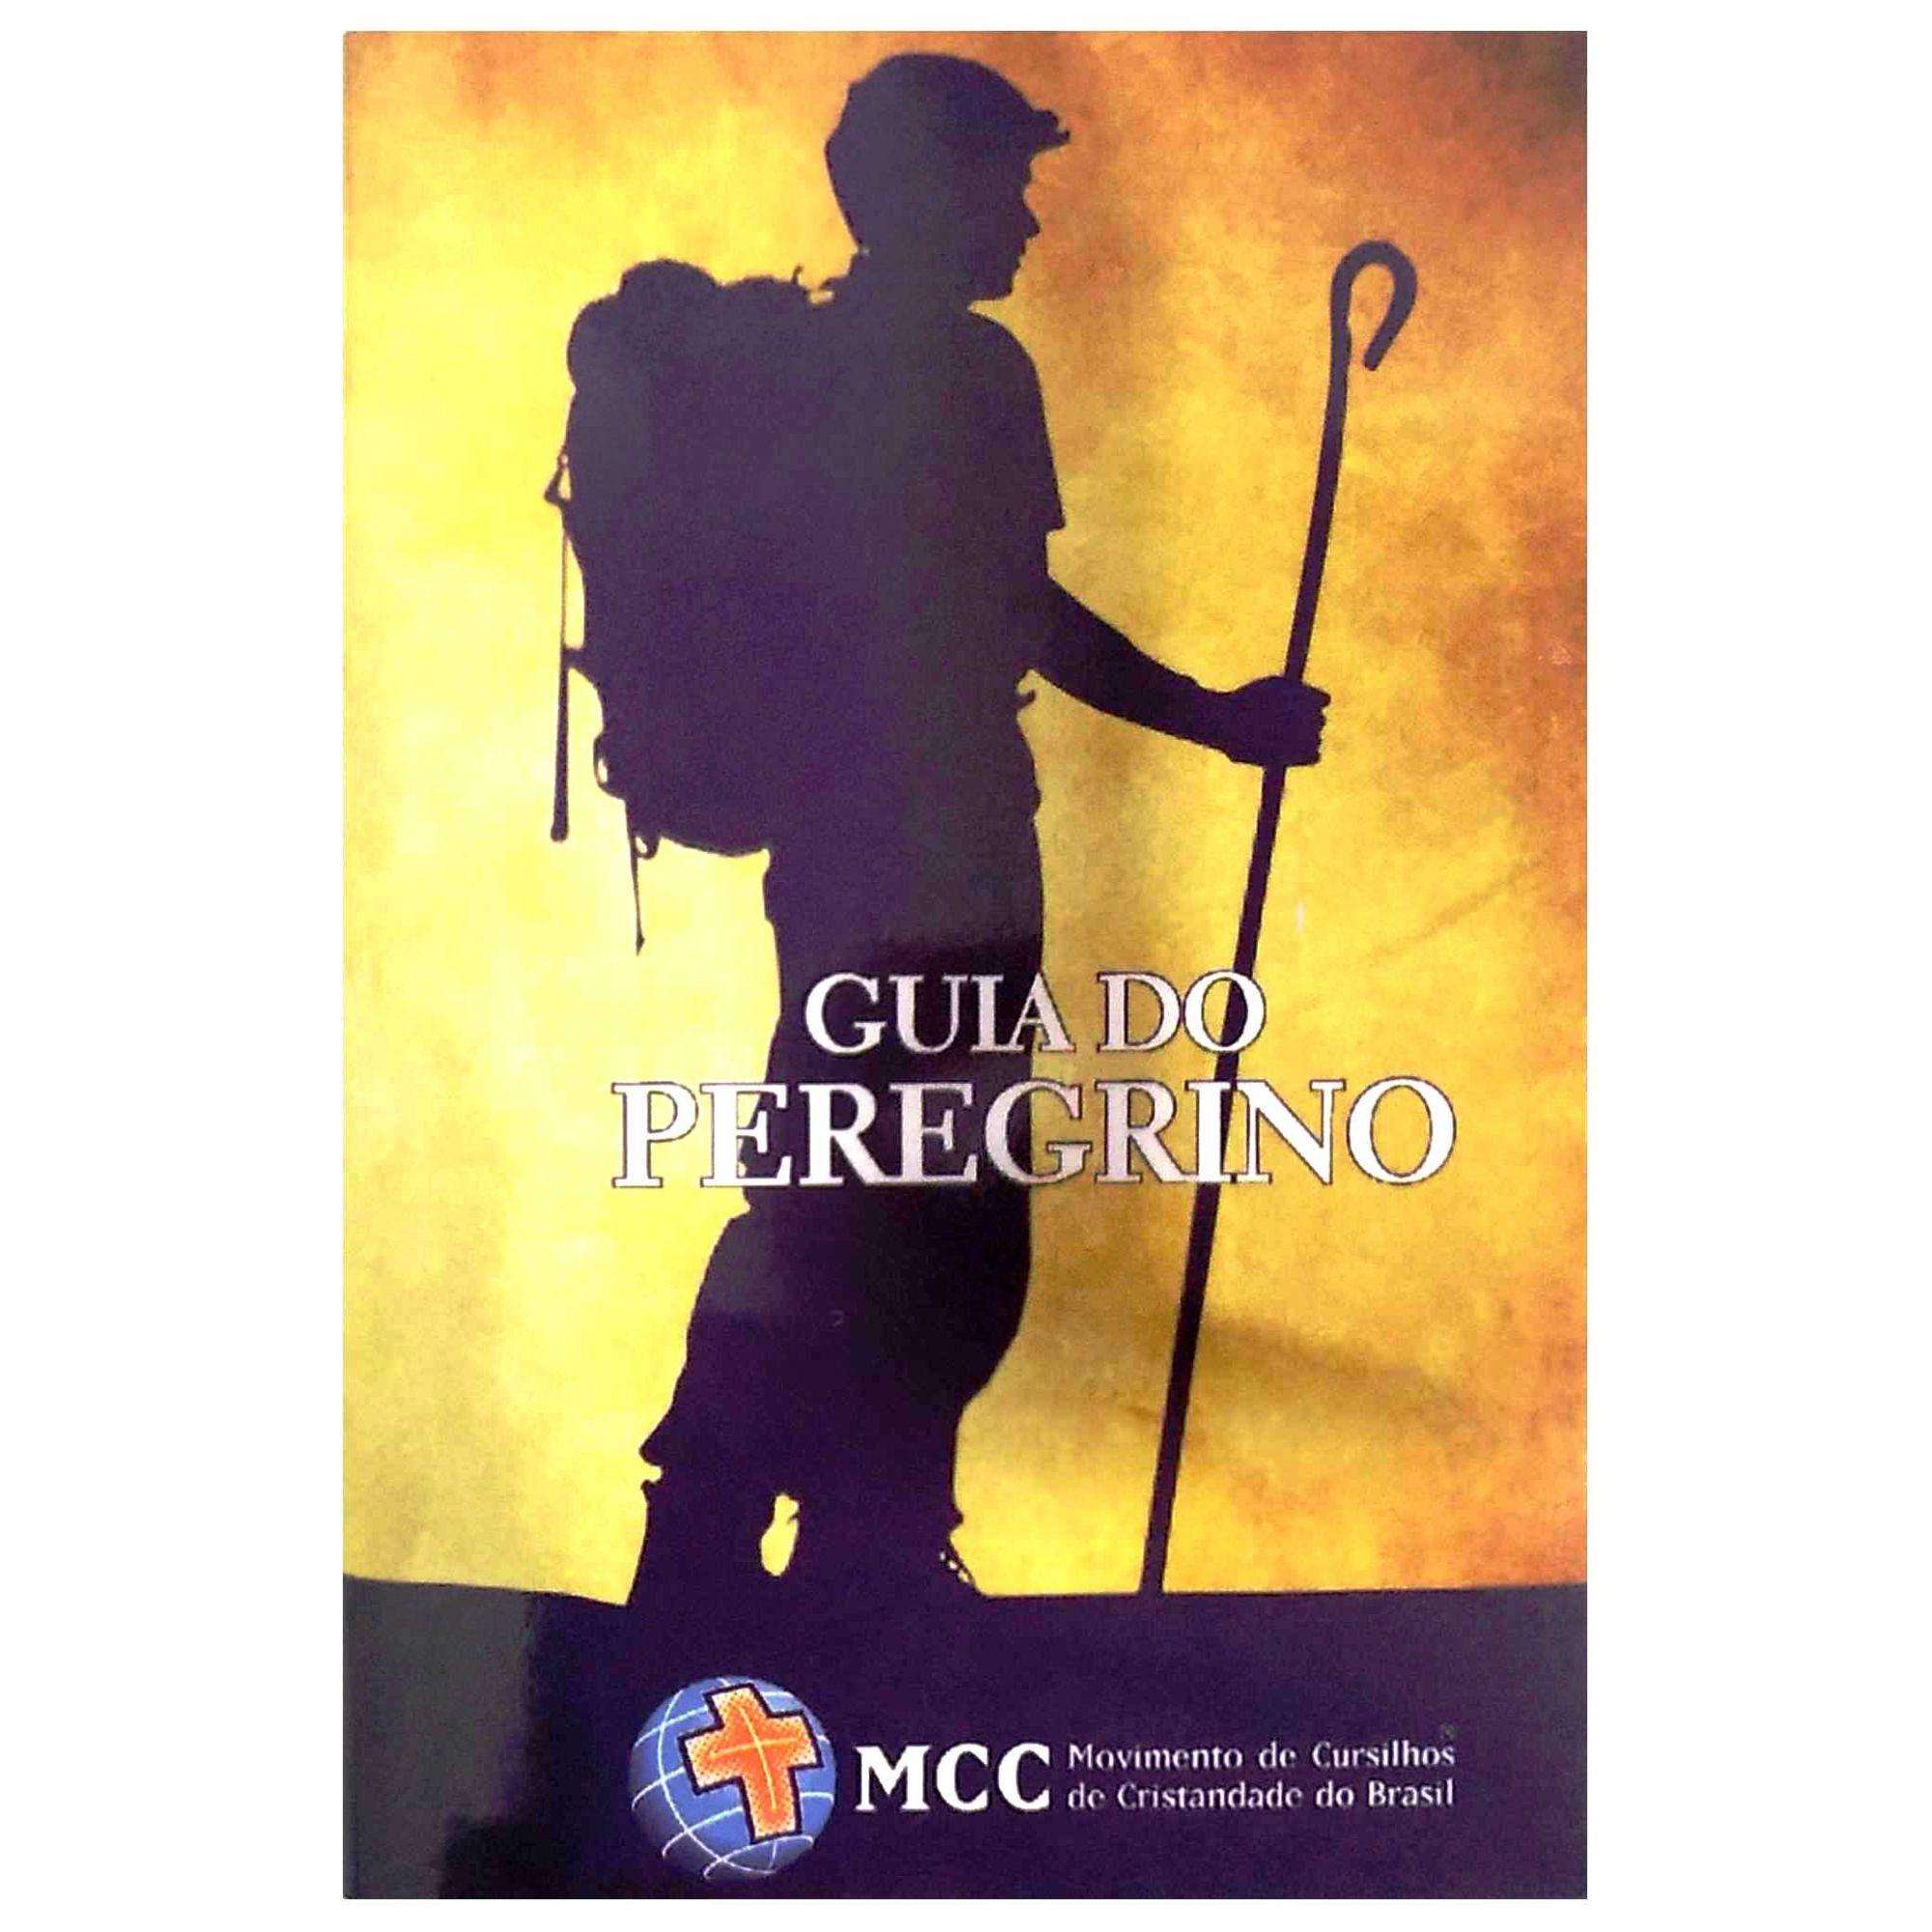 KIT PEREGRINO I - CRUCIFIXO PEQUENO DOURADO + LIVRO GUIA DO PEREGRINO  - Cursilho